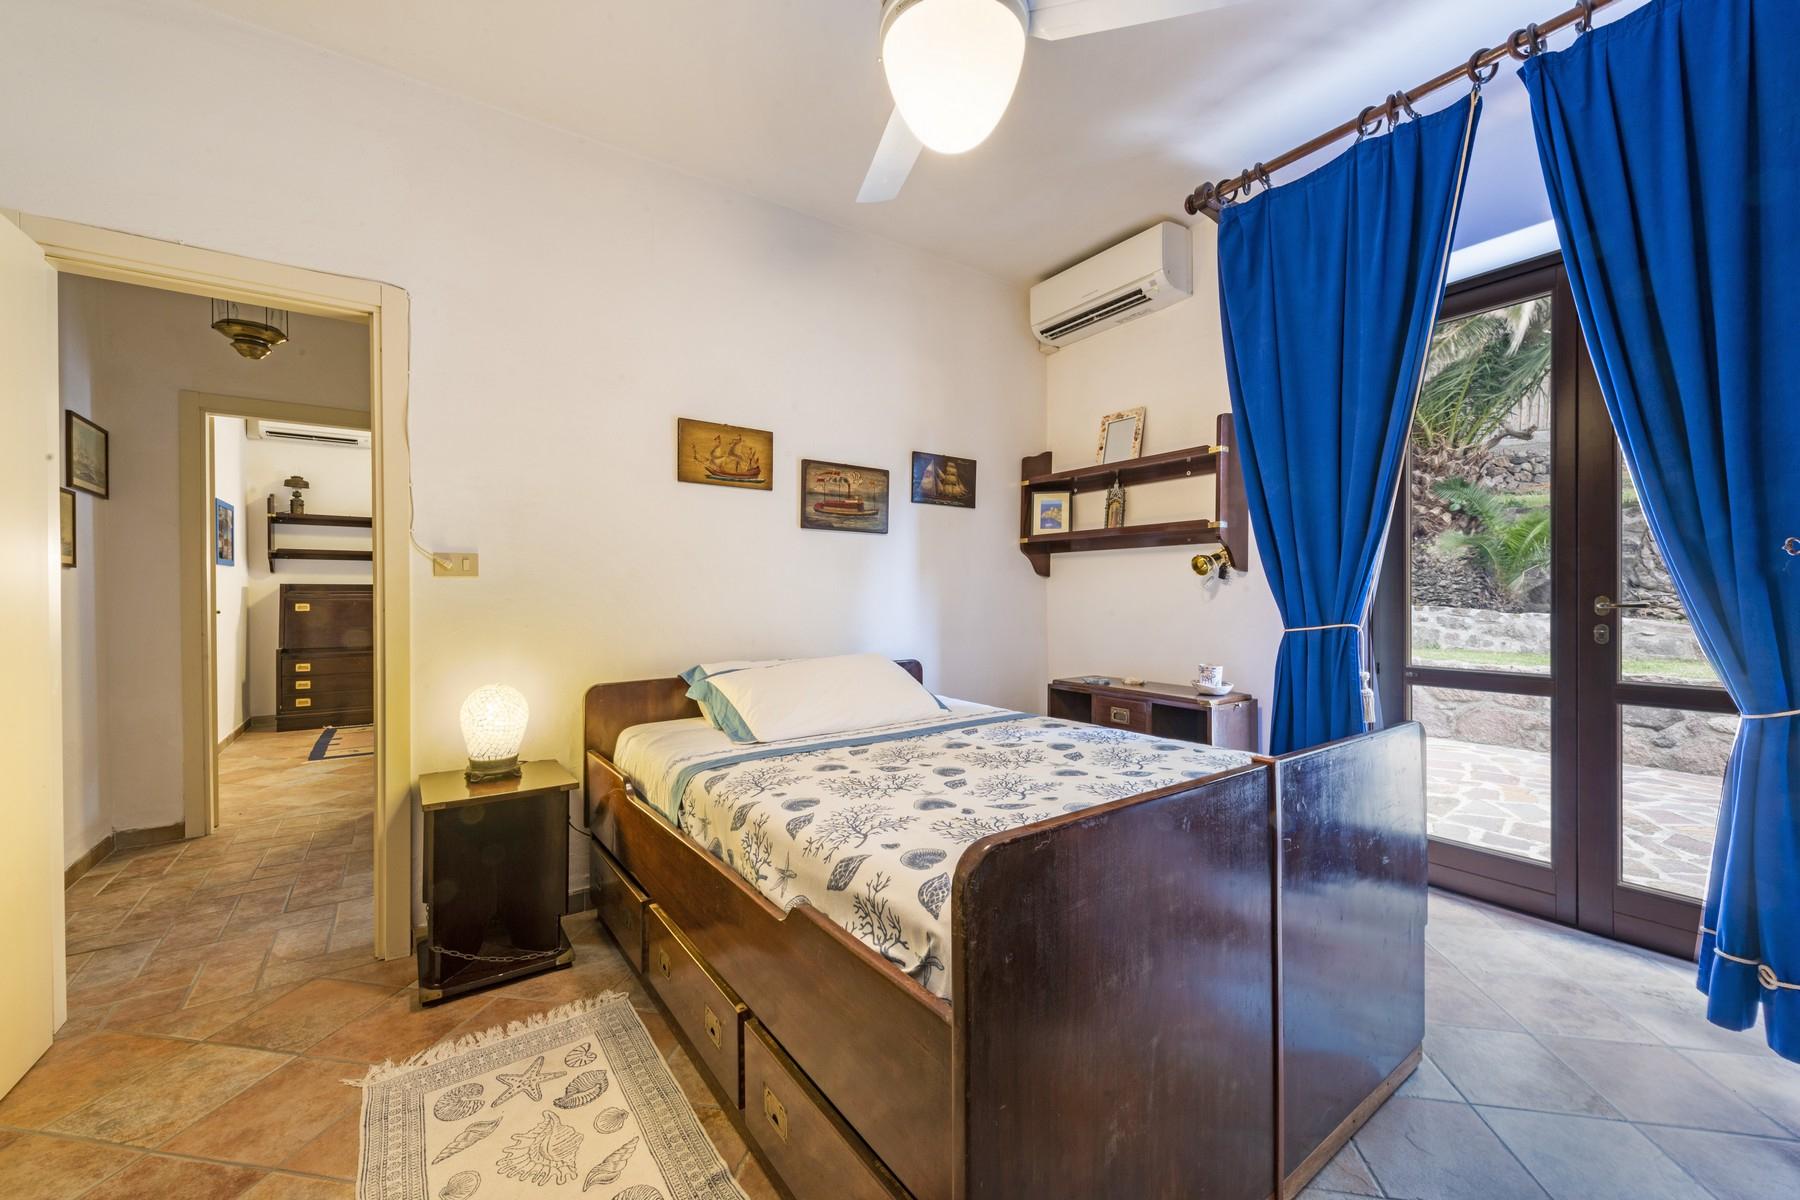 Villa in Vendita a Capraia Isola: 5 locali, 320 mq - Foto 18